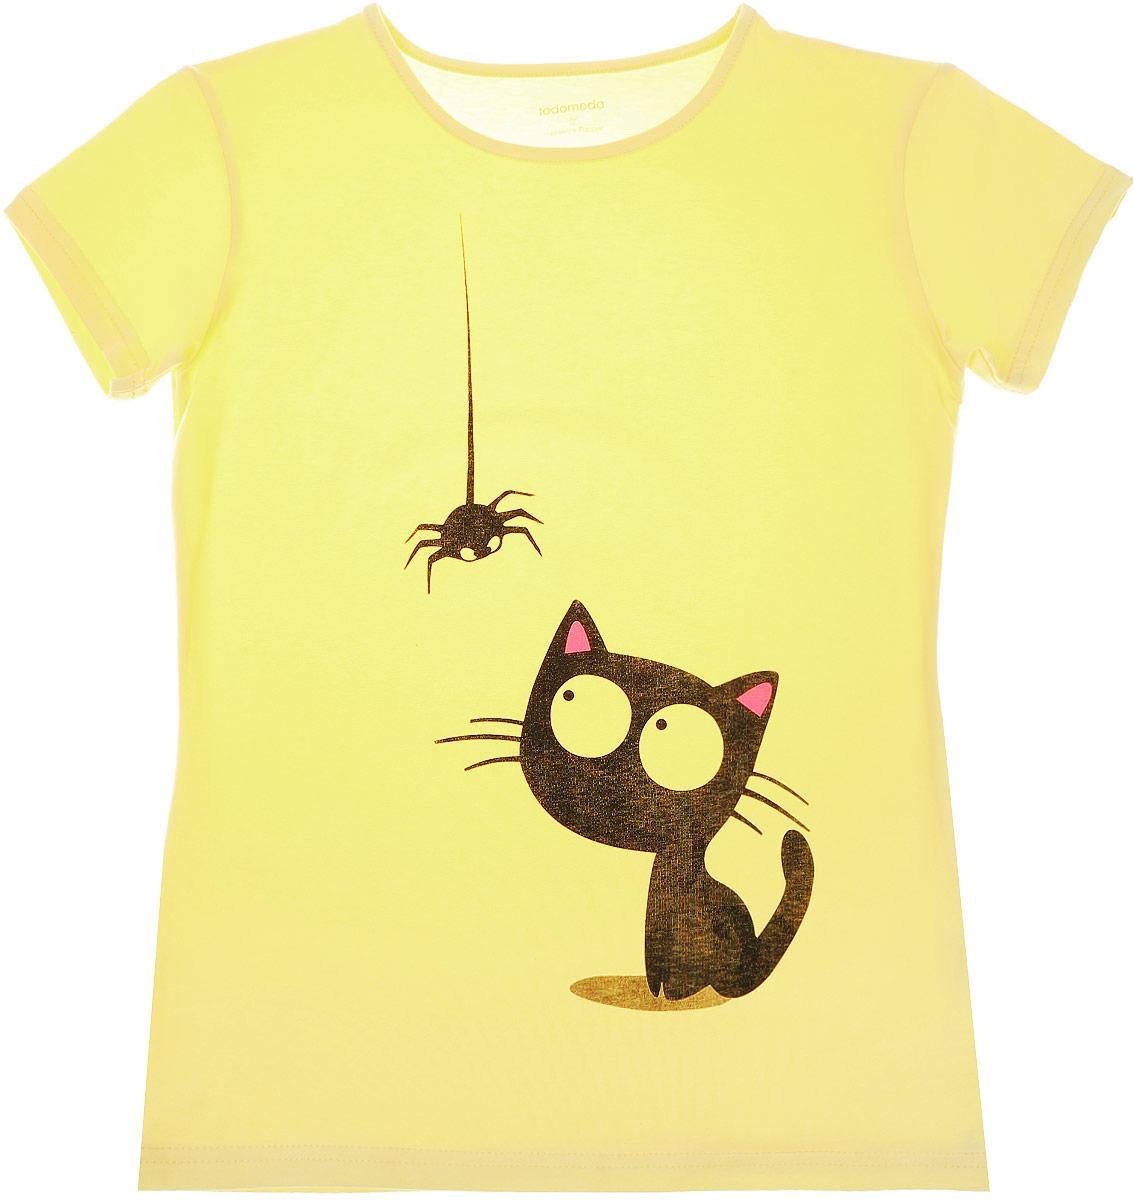 Футболка02100_Кошка и паукЖенская футболка Todomoda Кошка и паук, изготовленная из хлопка с добавлением лайкры, тактильно приятная и не сковывает движений. Модель с круглым вырезом горловины и короткими рукавами оформлена спереди изображением кошки с пауком. Прекрасный подарок для себя и для подруги.